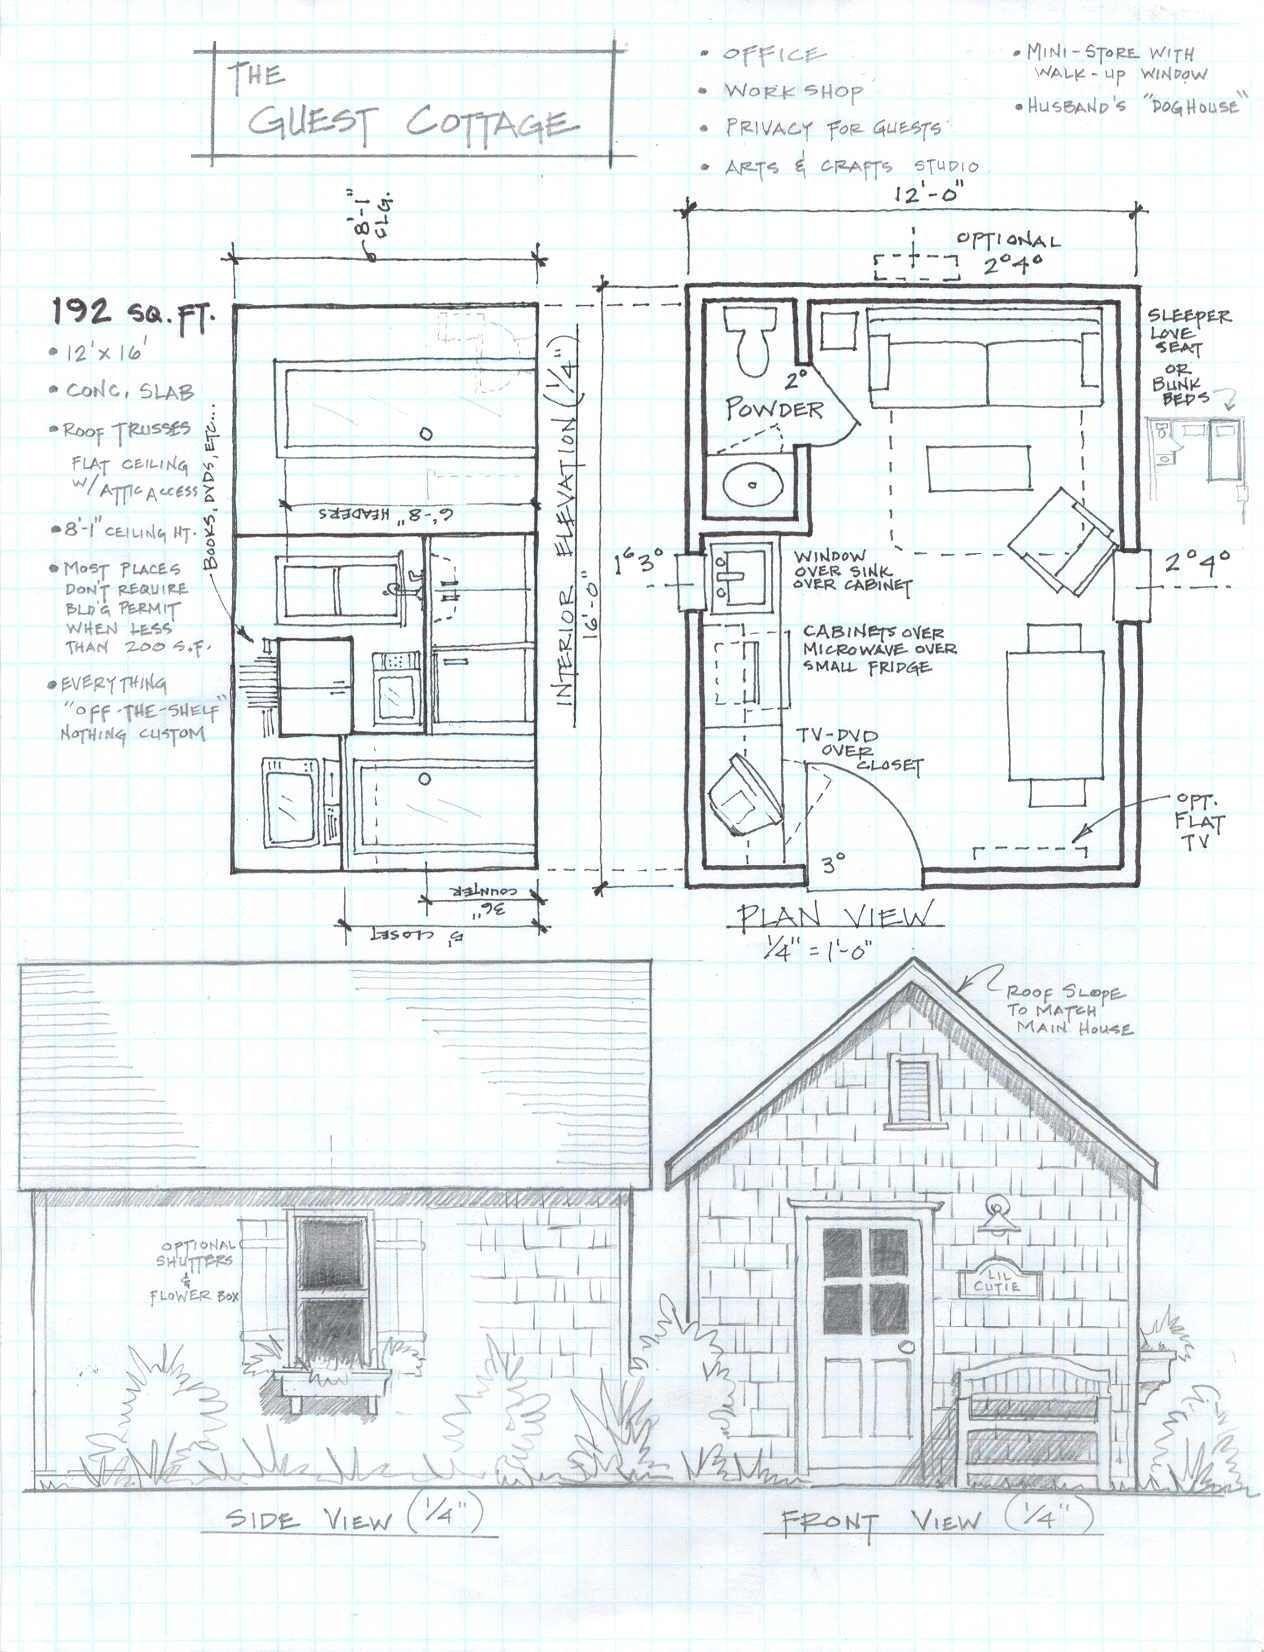 30+ Small Cabin Plans for the Homestead Prepper | Cabin ...